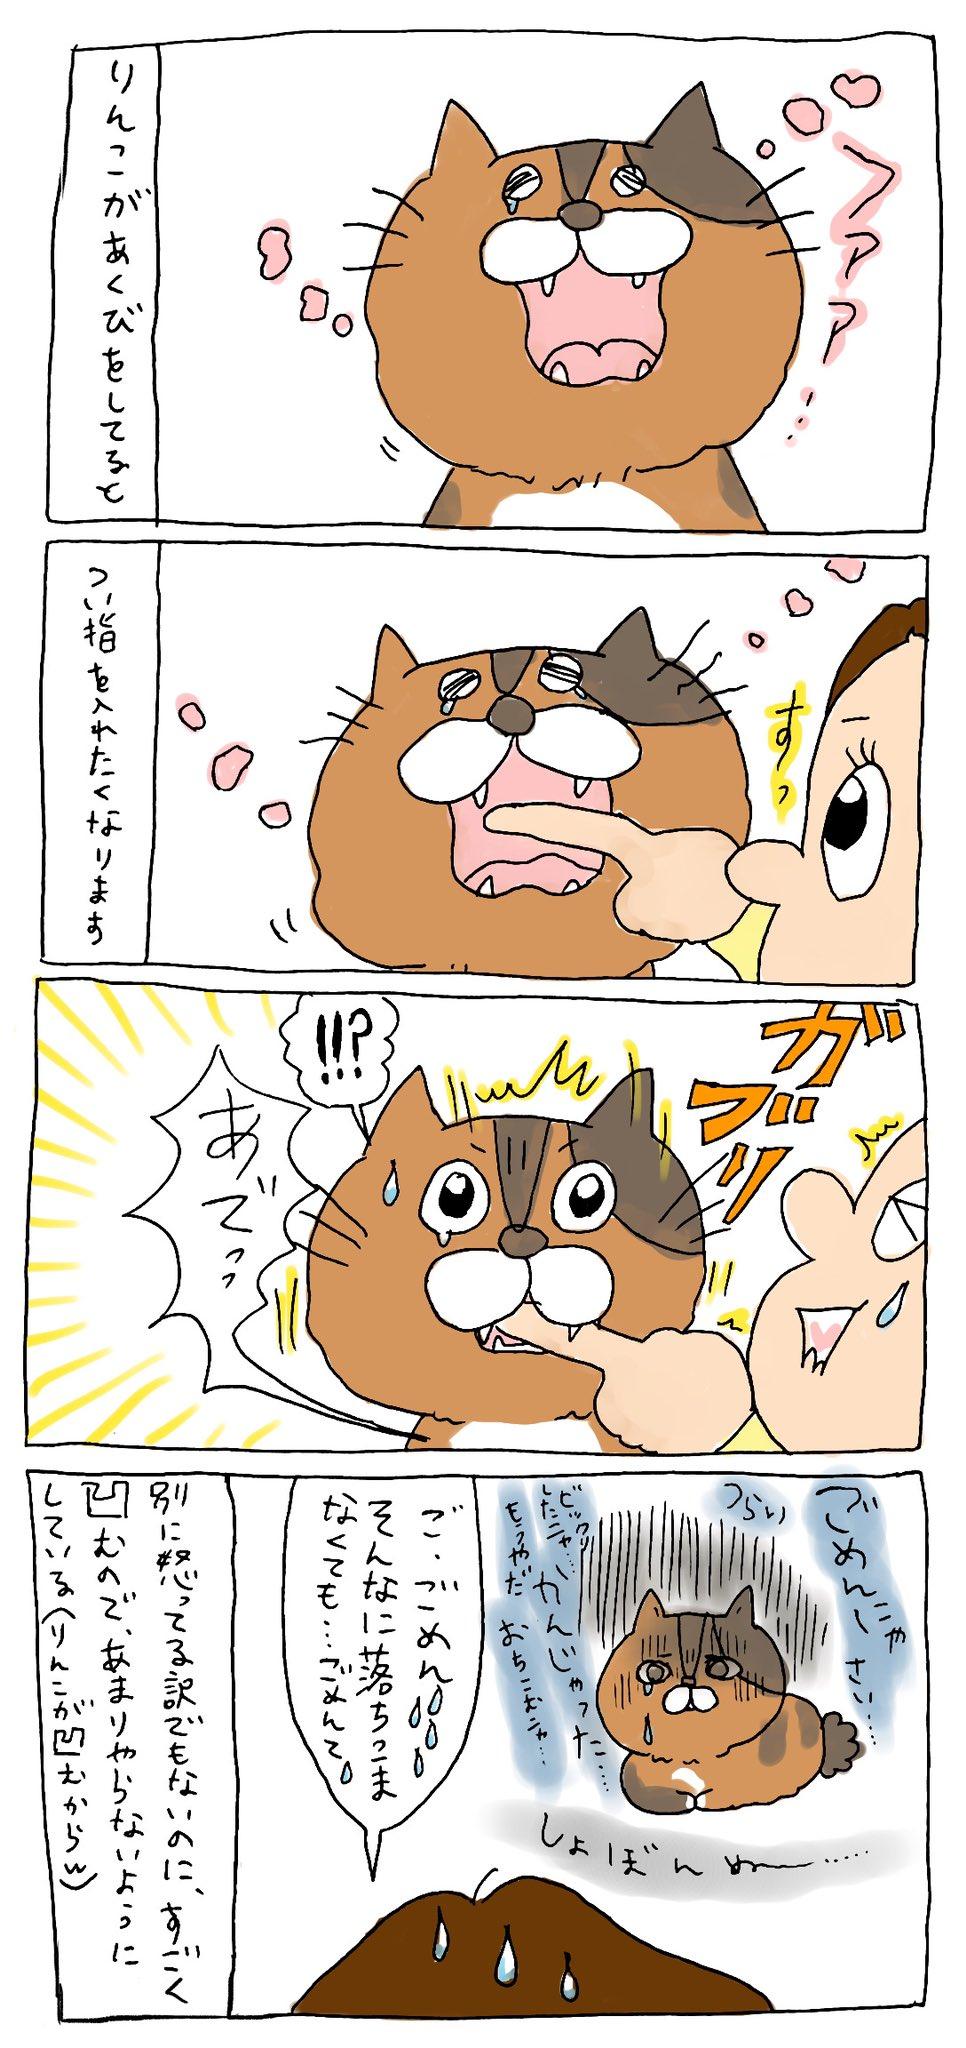 無料四コマ漫画:あくびした猫の口に指を突っ込んでみた